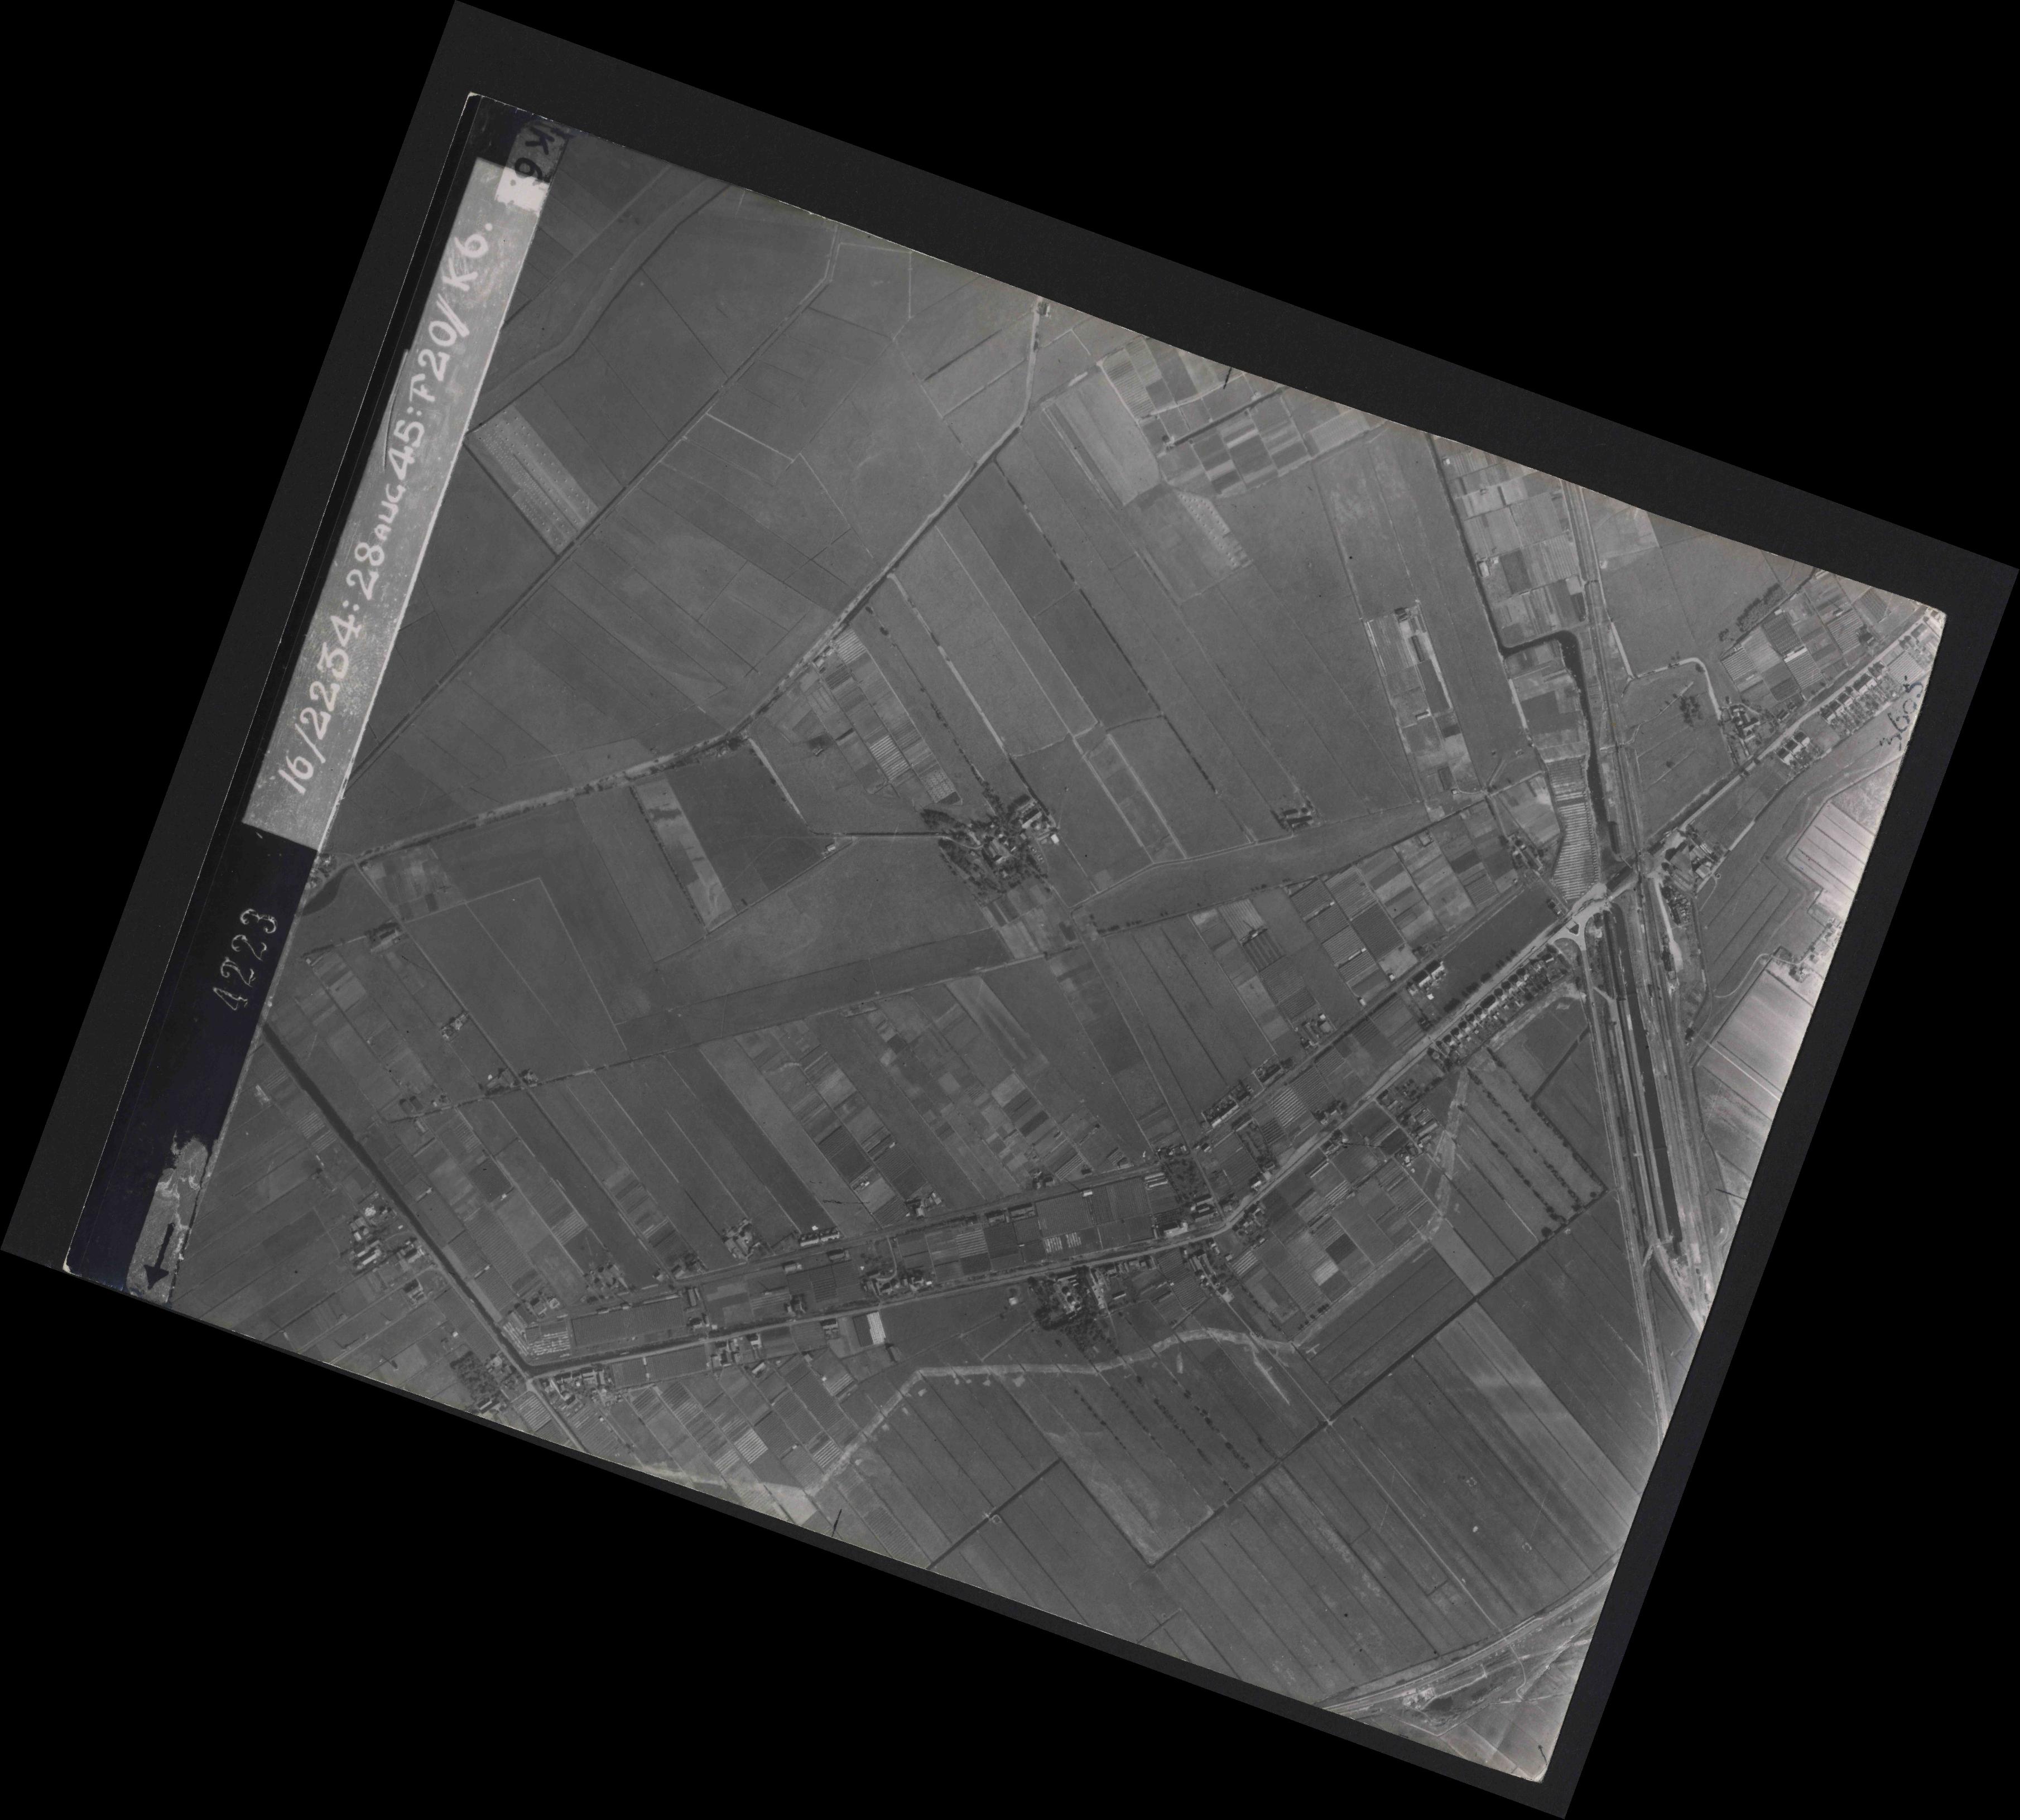 Collection RAF aerial photos 1940-1945 - flight 031, run 01, photo 4223